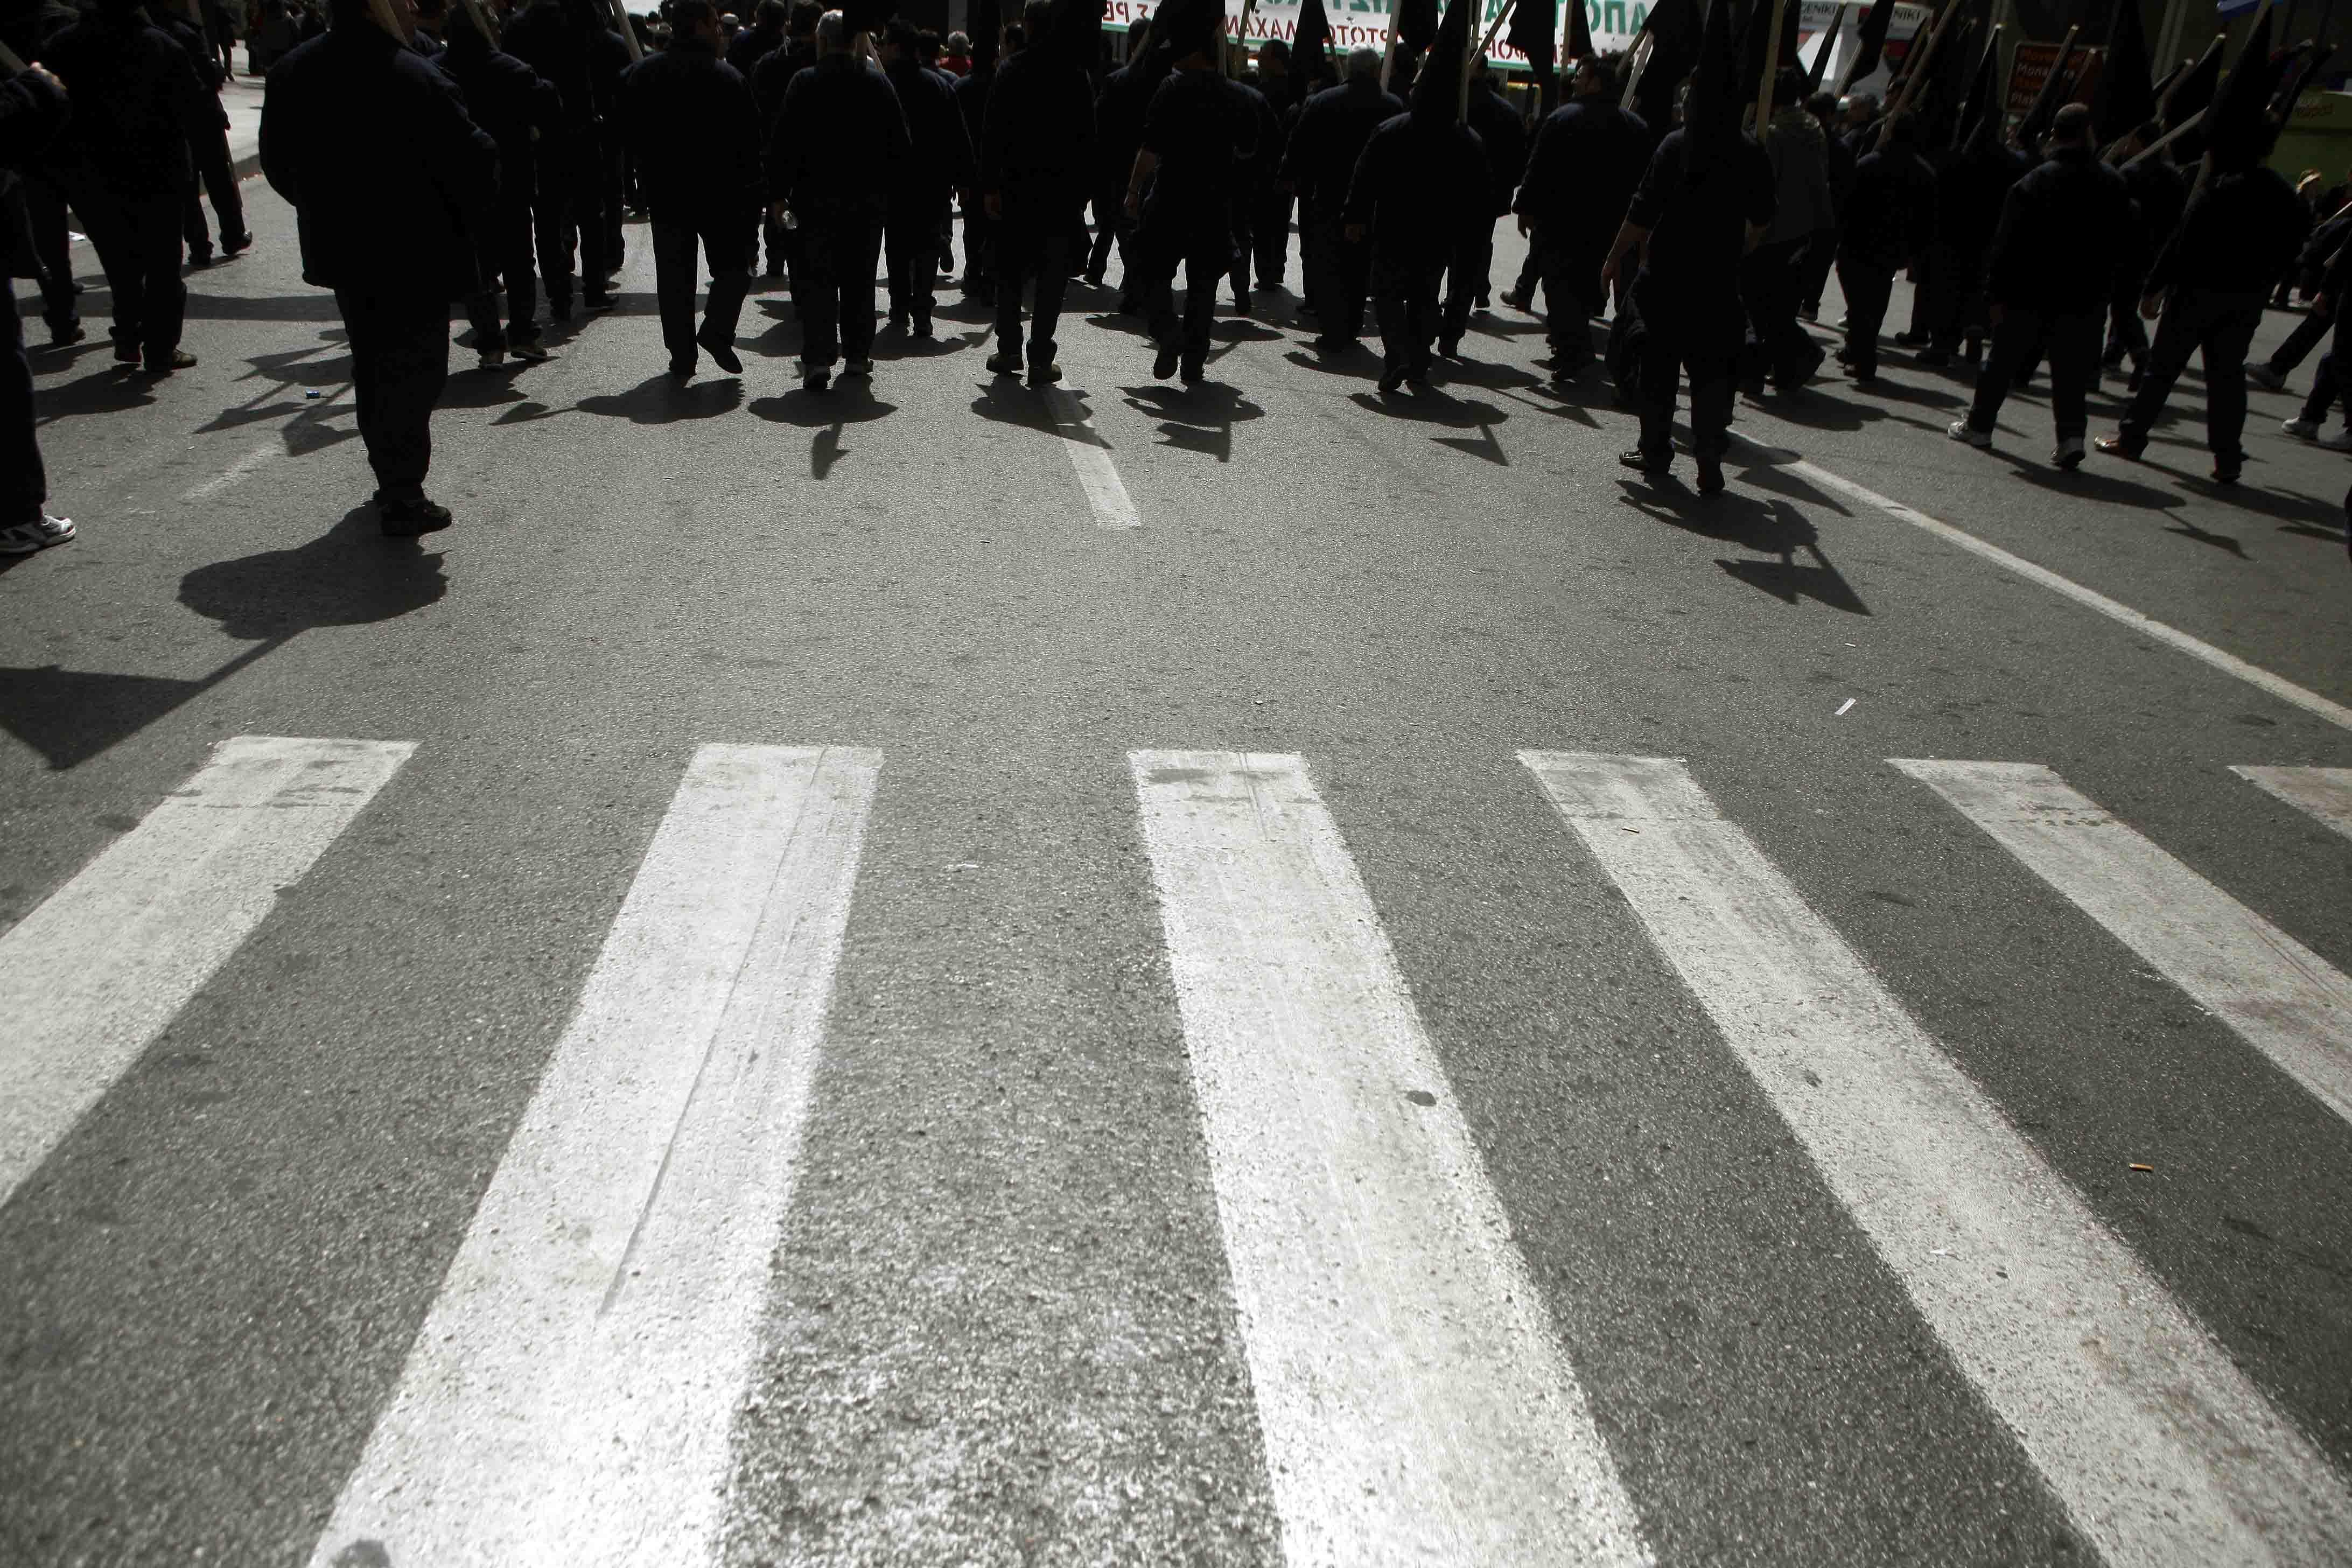 ΕΛΣΤΑΤ: Στο 18,1% υποχώρησε το ποσοστό της ανεργίας τον Μάρτιο